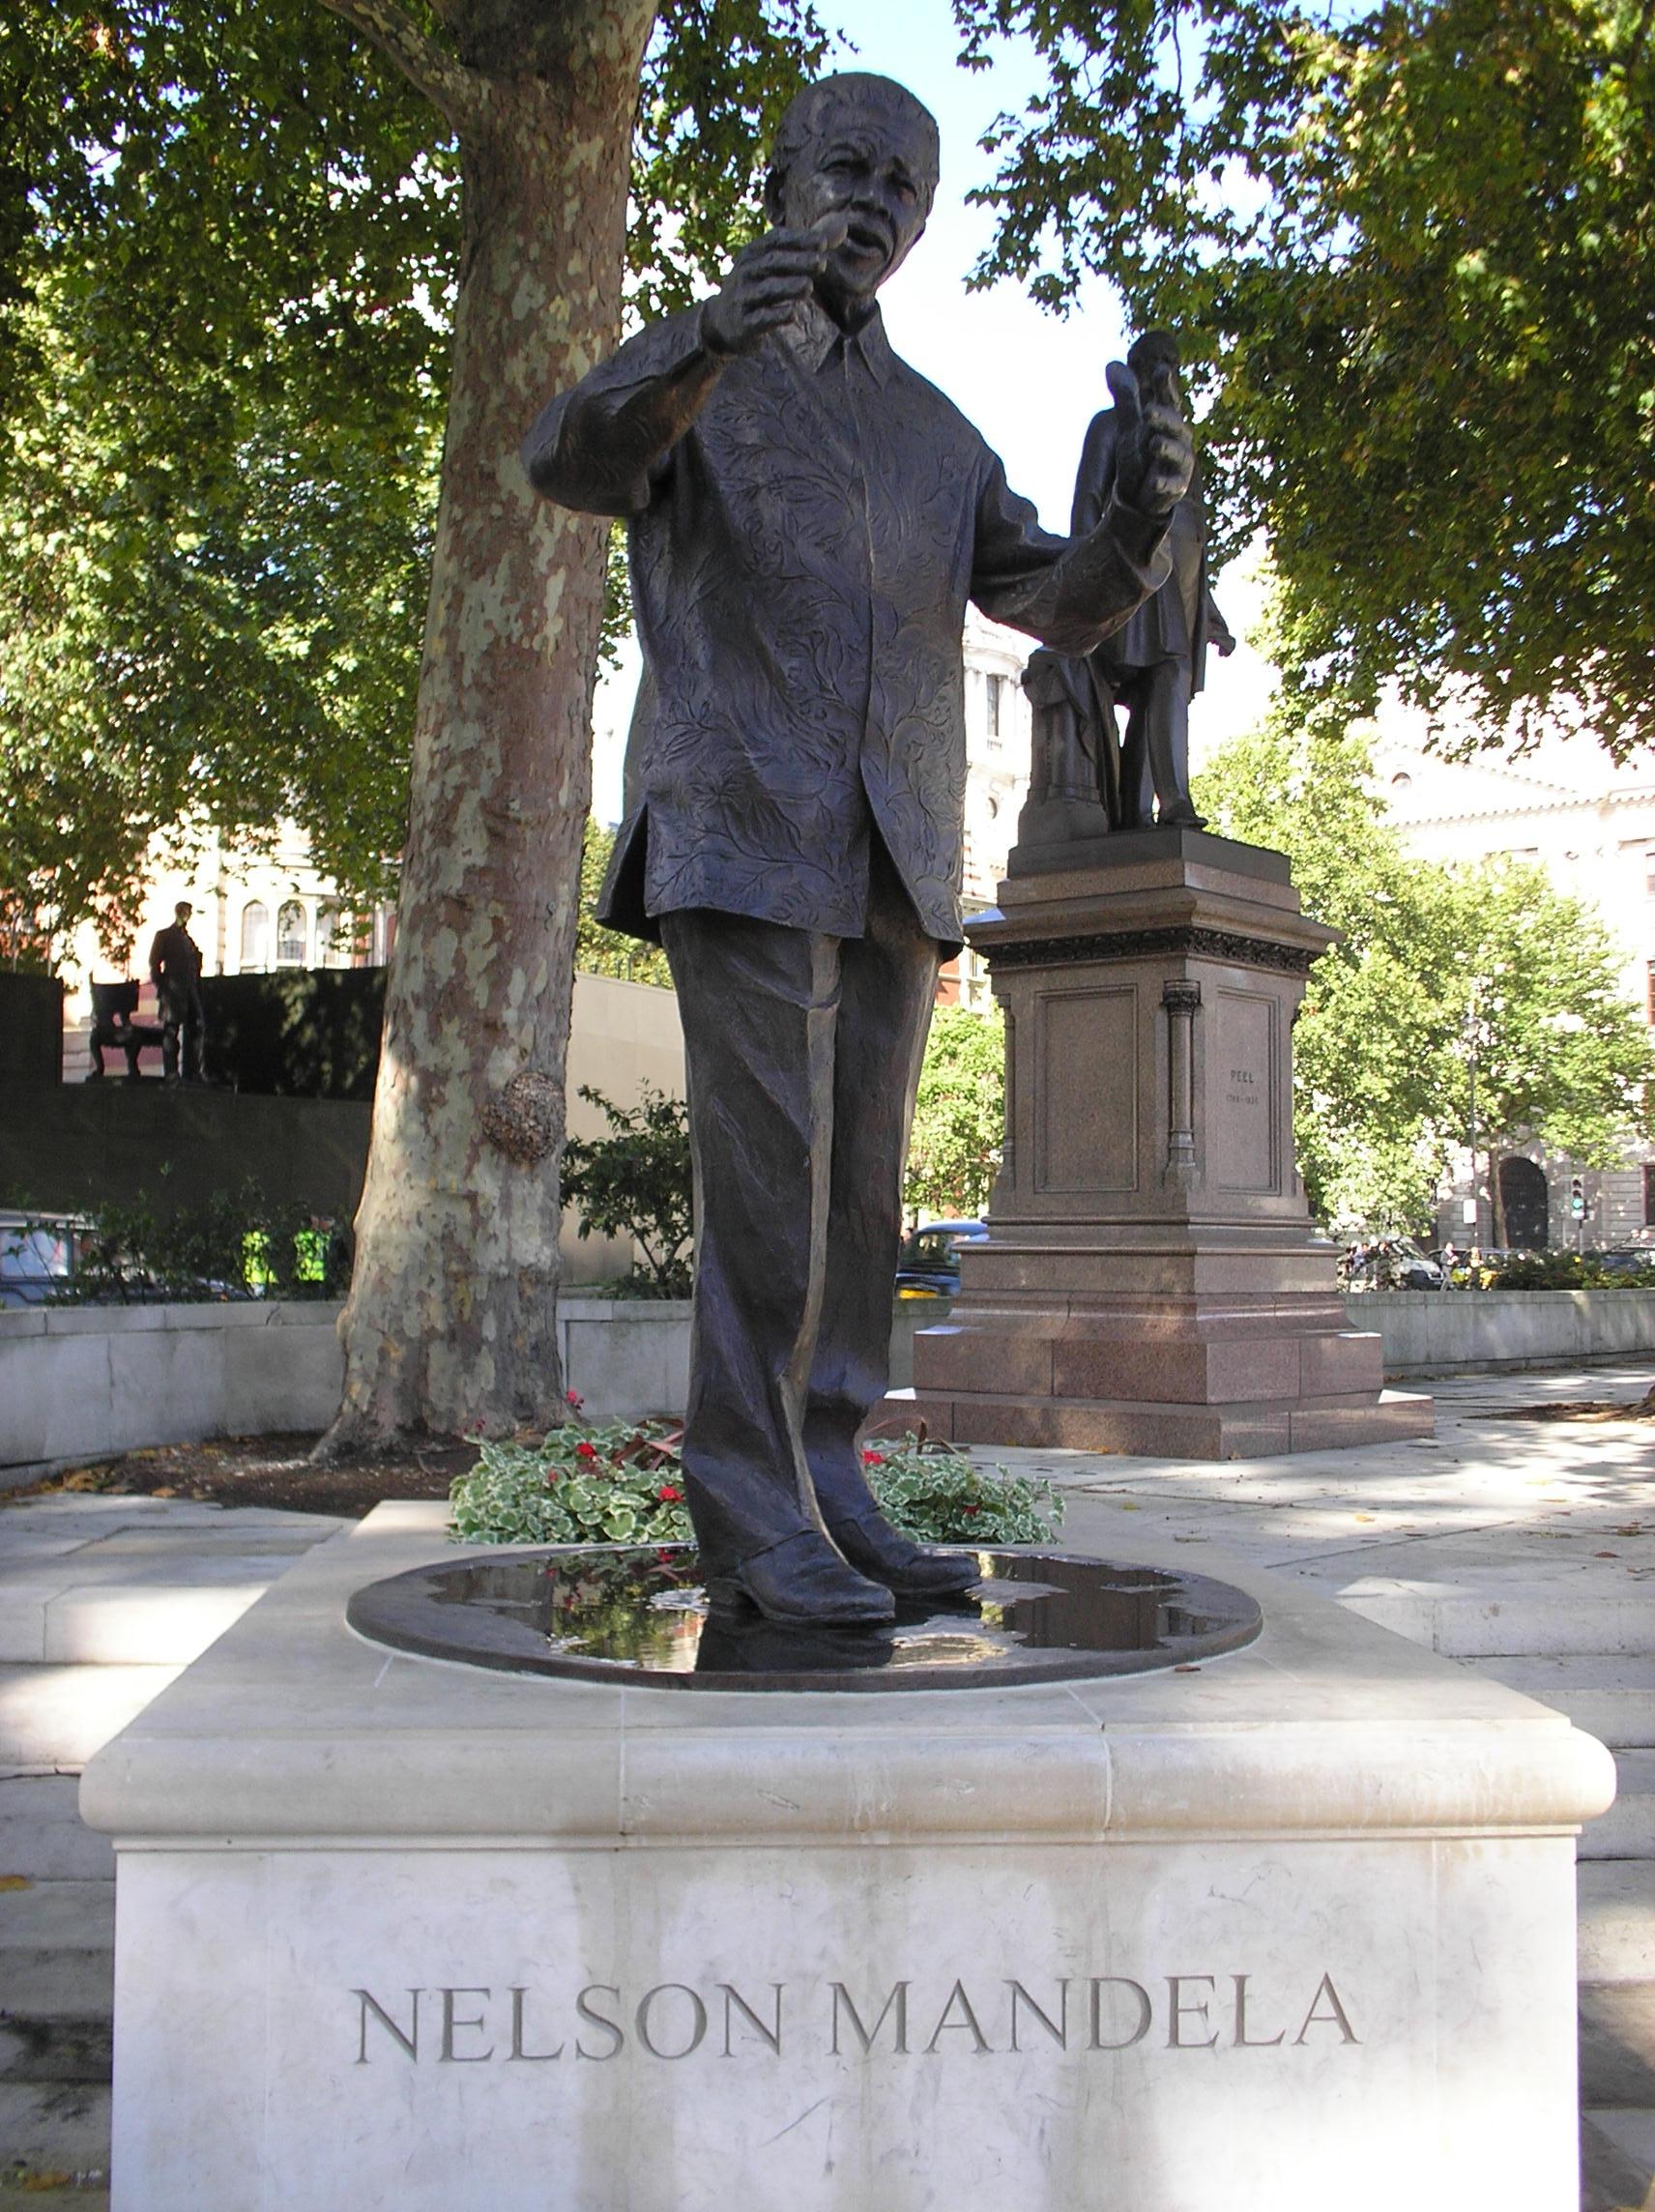 Nelson Mandela photo #84996, Nelson Mandela image